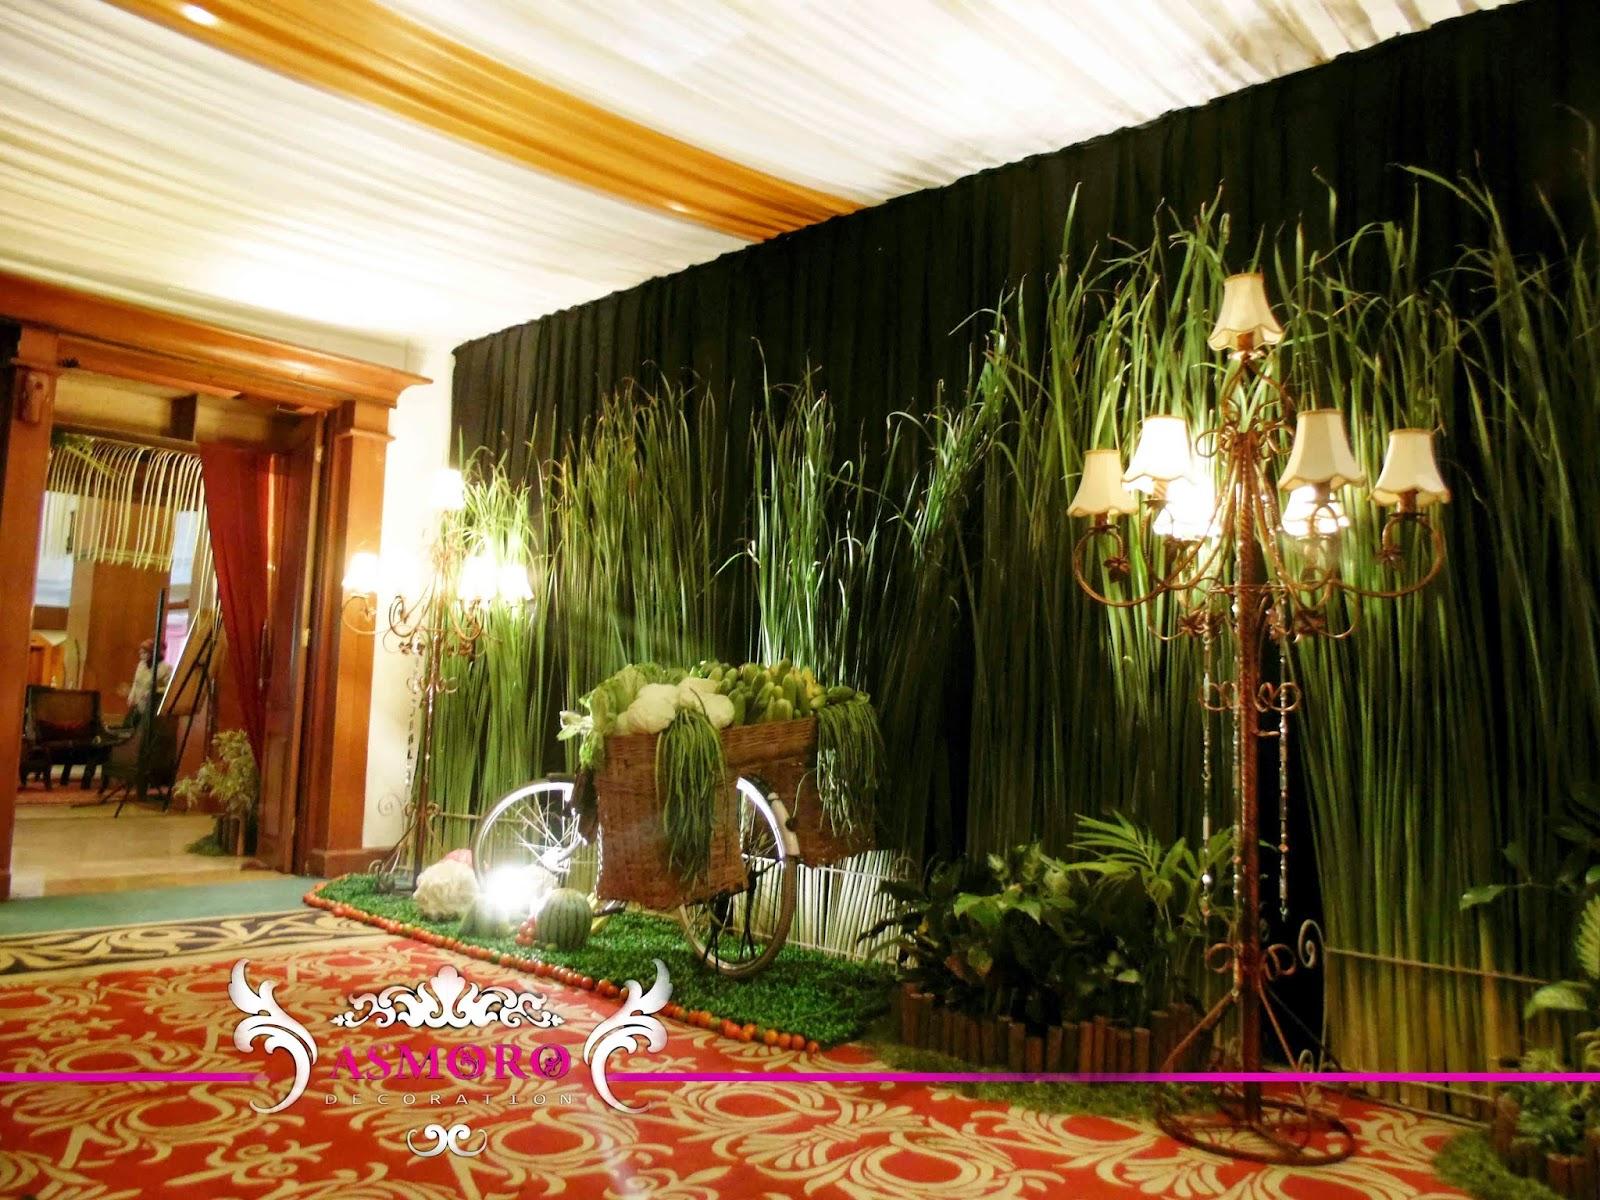 Dekorasi solo asmoro decoration dekorasi untuk mbak sari for Asmoro decoration